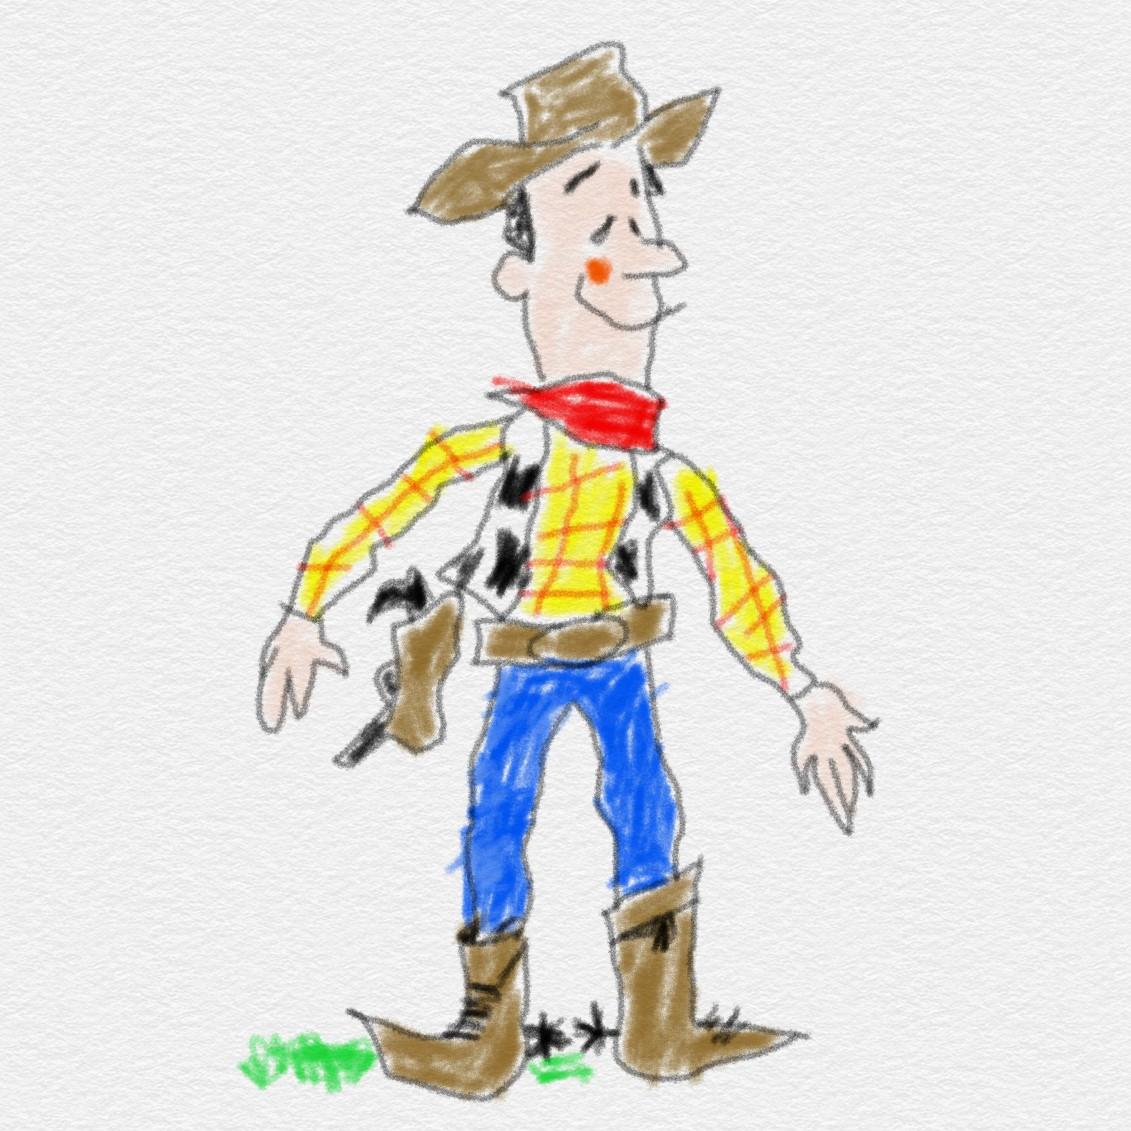 🤠 Woody Pride  インスタからの👨🎨お絵描きアーカイブ #トイストーリー からアンディが🖍描いた #ウッディ のイラストです❣️ヒーハー🐴🤠  #toystory #woody #disney #ディズニー #pixer #ピクサー #boopmaniadoodle https://t.co/wIMBASQ564